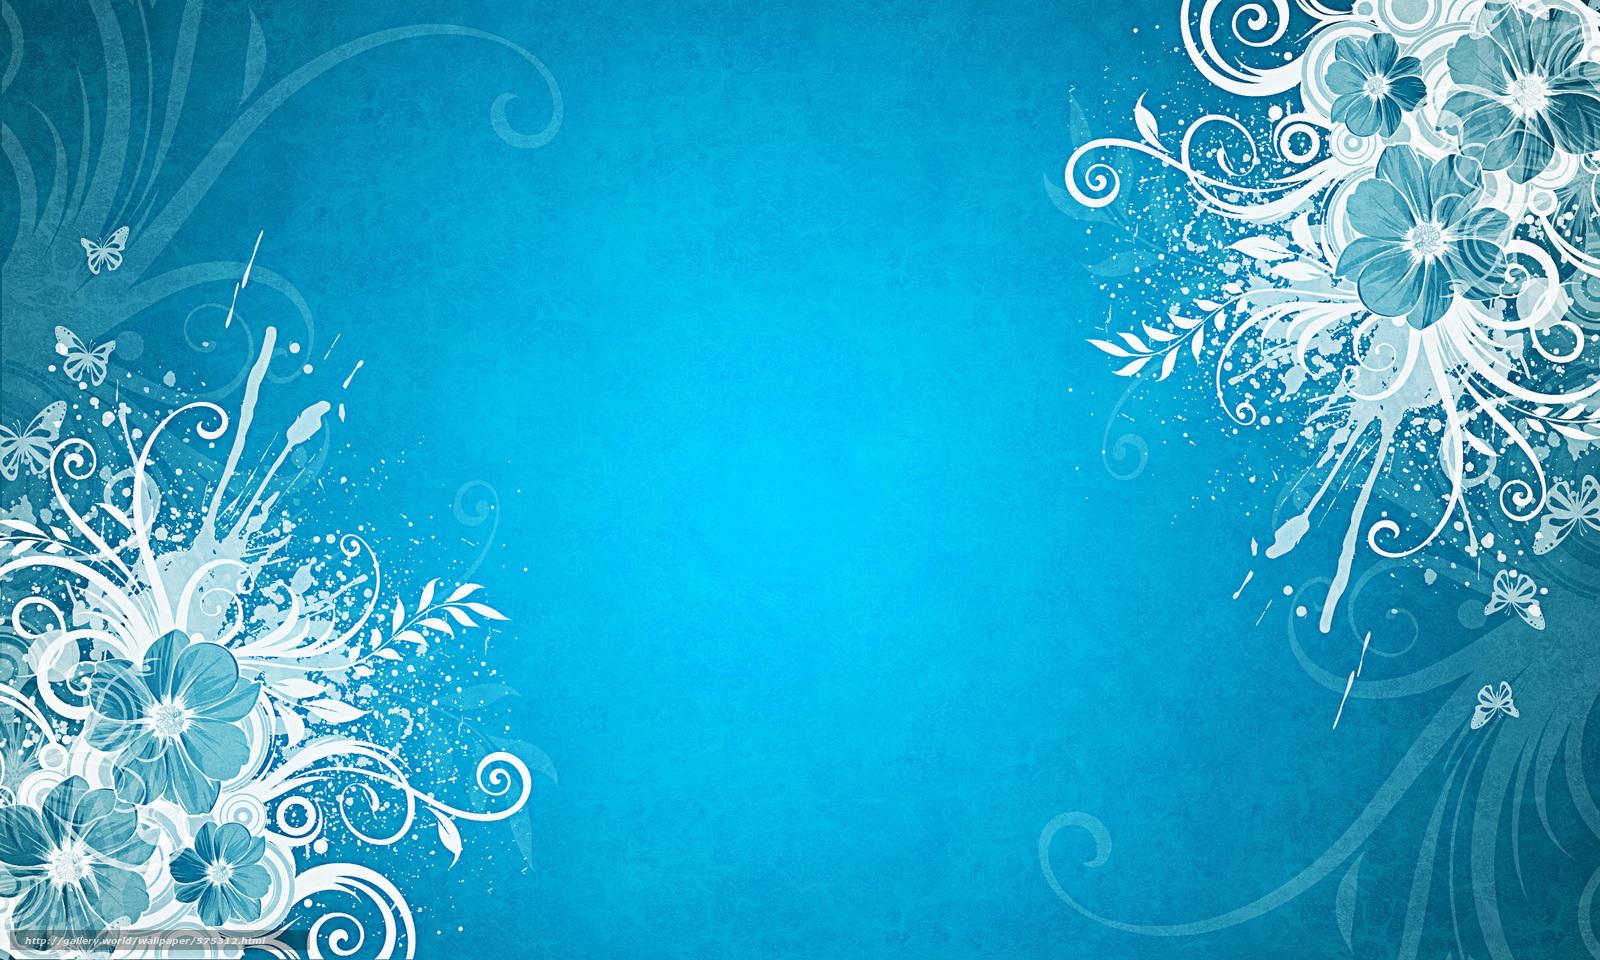 Descargar Gratis Fondo Azul, Mariposas, Flores Fondos De